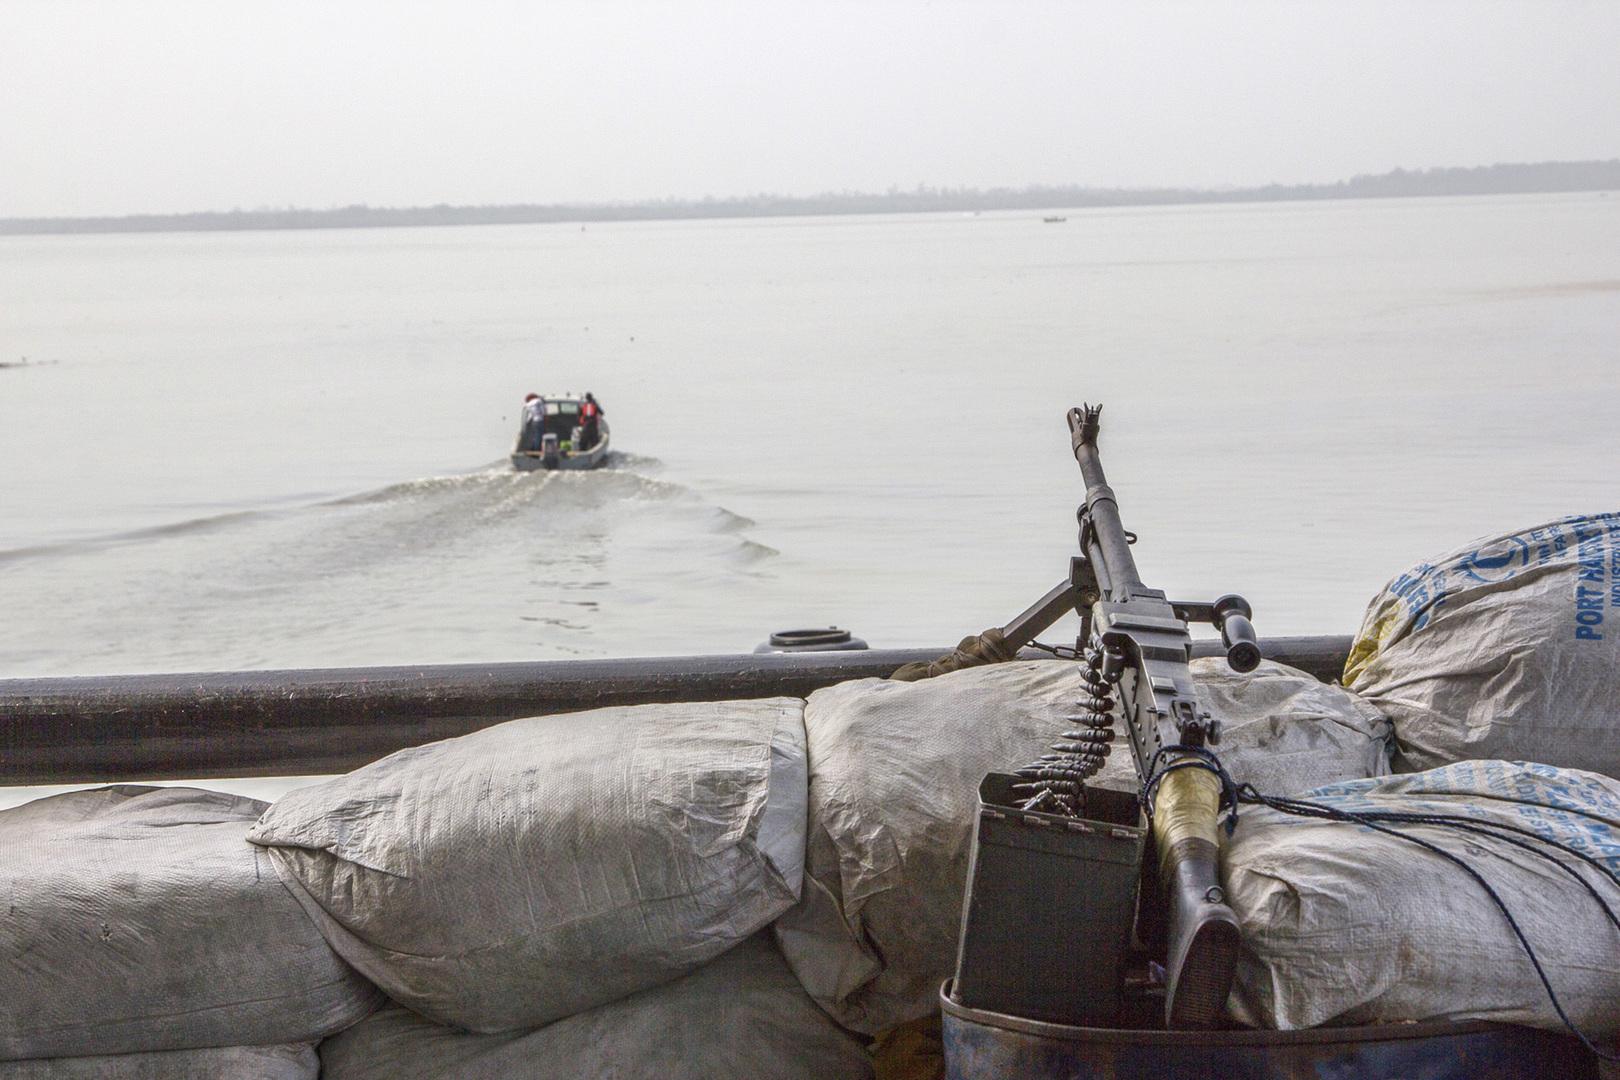 بالفيديو.. اشتباك بين سفينة تجارية وقراصنة في خليج غينيا